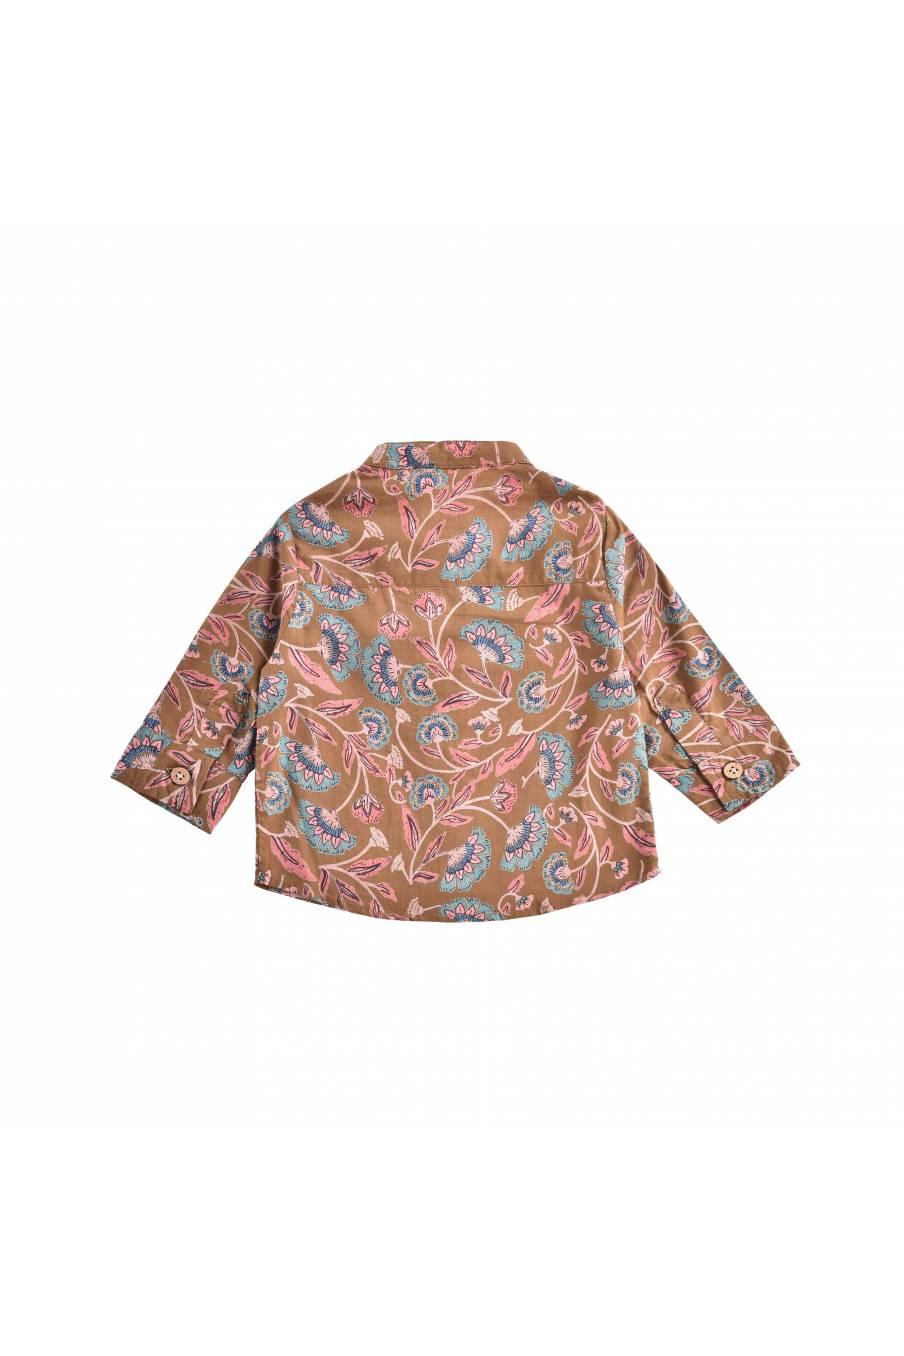 boheme chic vintage chemise bébé garcon akir bronze folk flowers